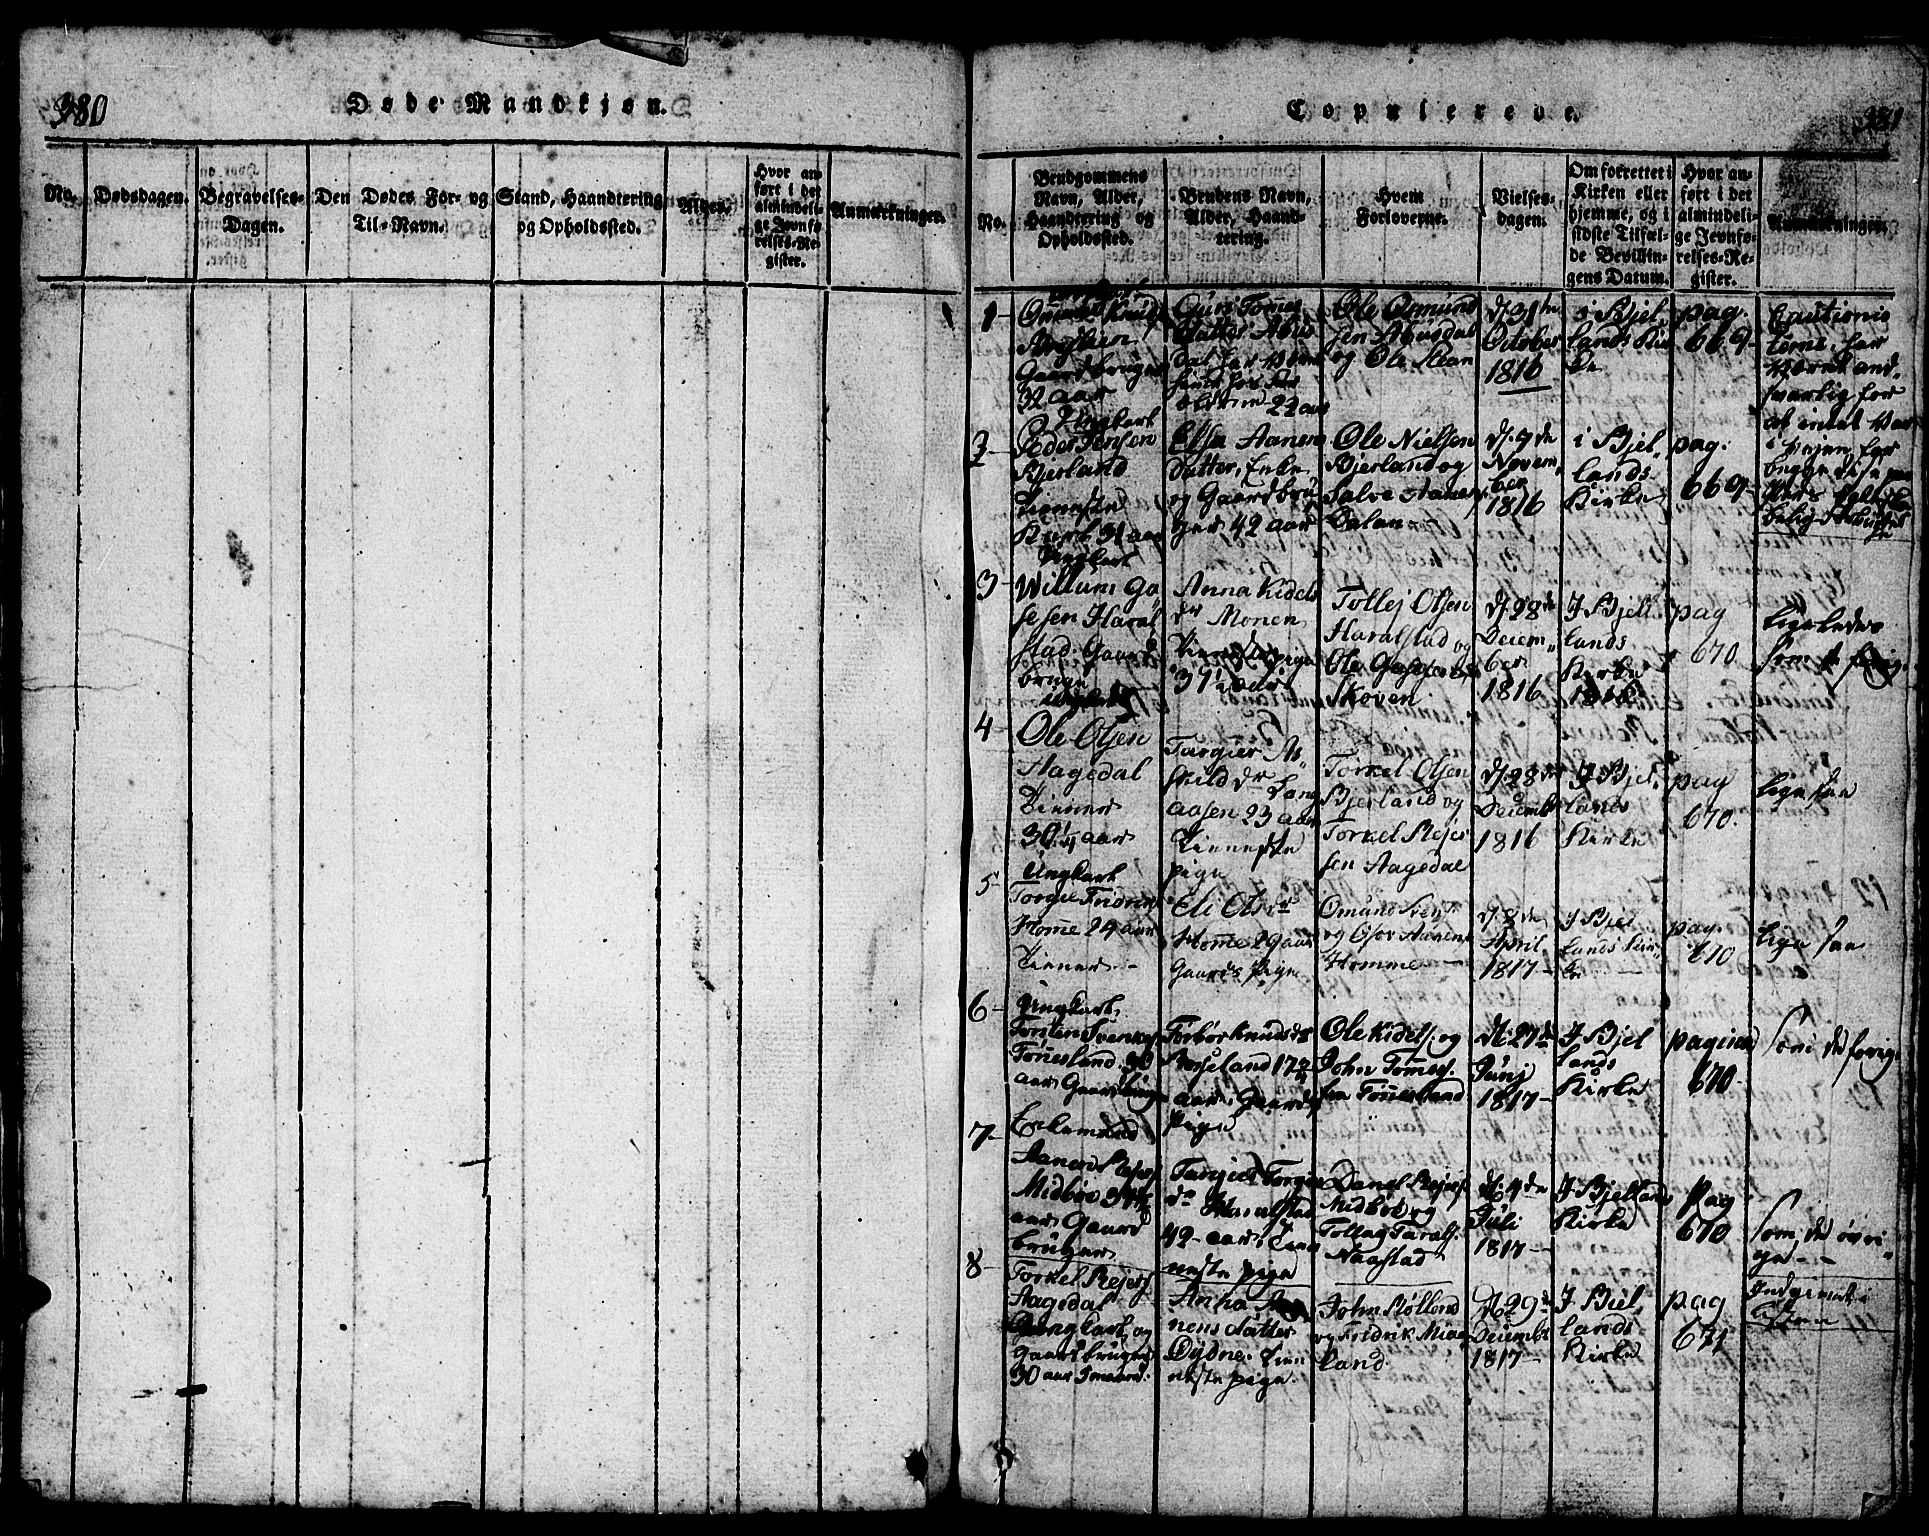 SAK, Bjelland sokneprestkontor, F/Fb/Fba/L0003: Klokkerbok nr. B 3, 1816-1870, s. 380-381